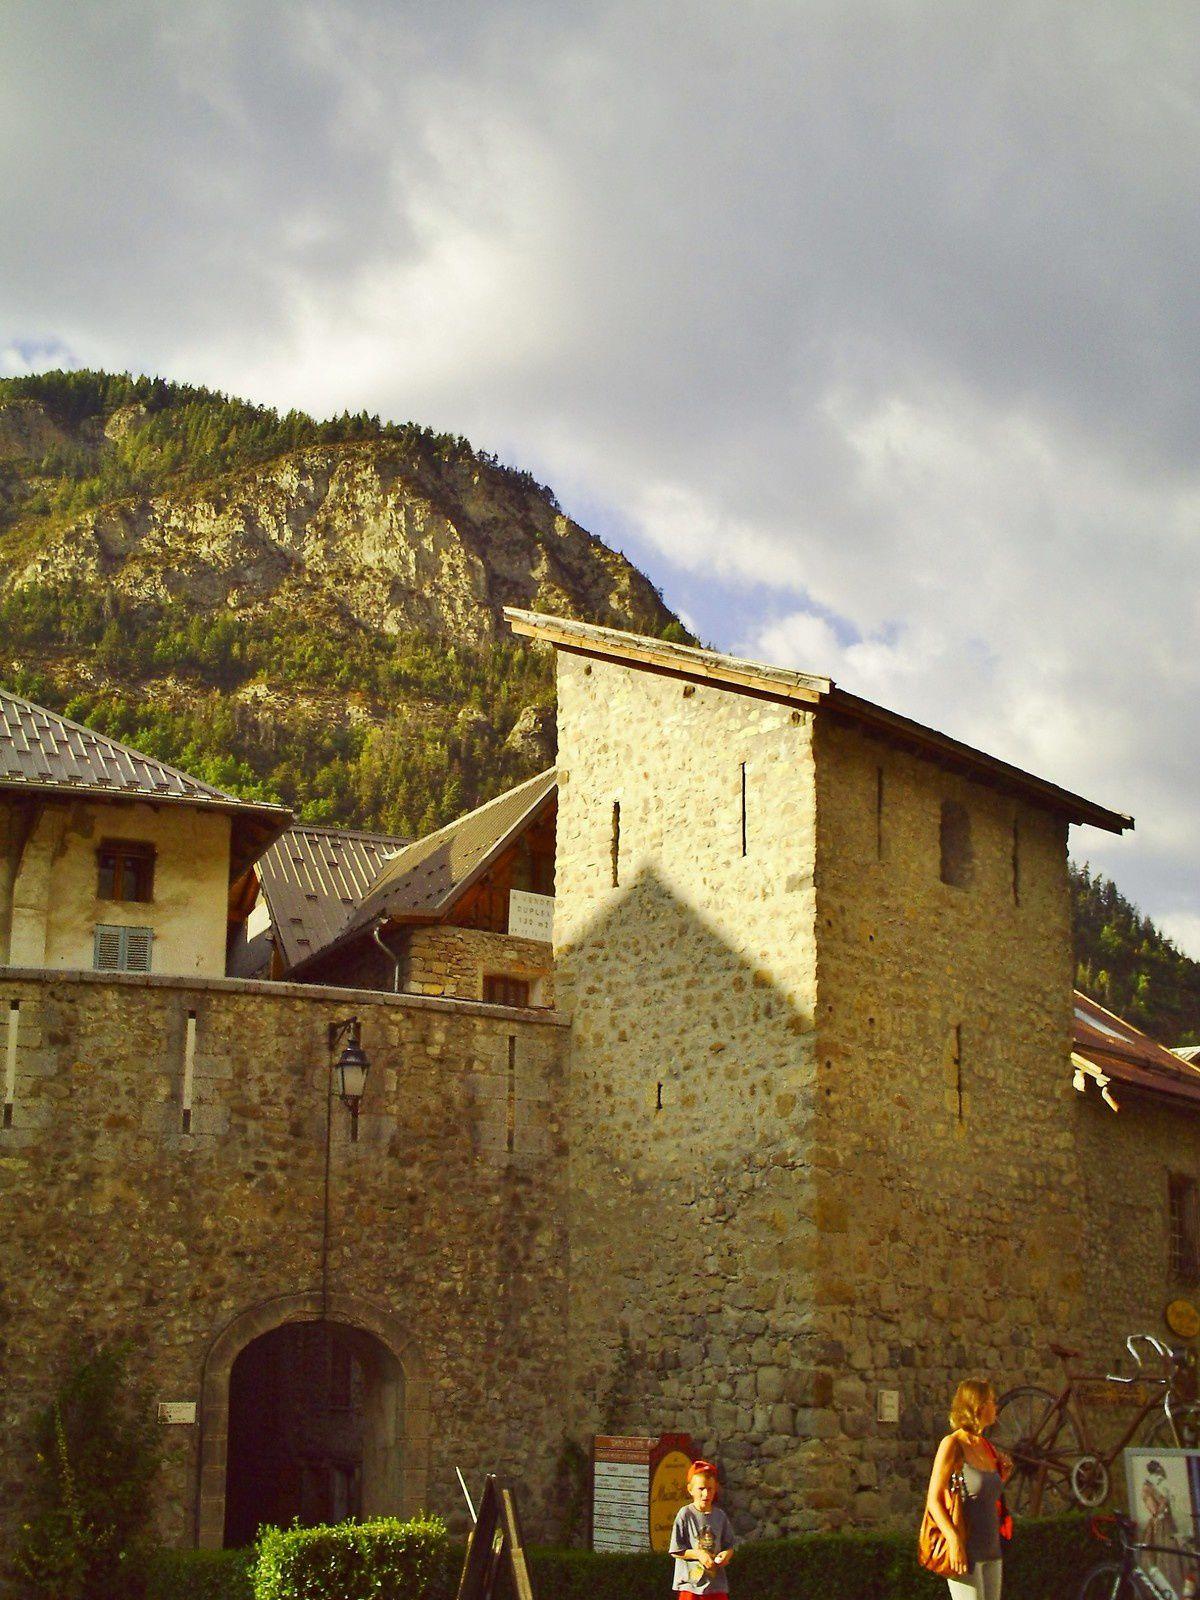 Goldwing - Notre voyage dans les Hautes-Alpes en Goldwing 1800 et Varadero 125 - 6ème jour